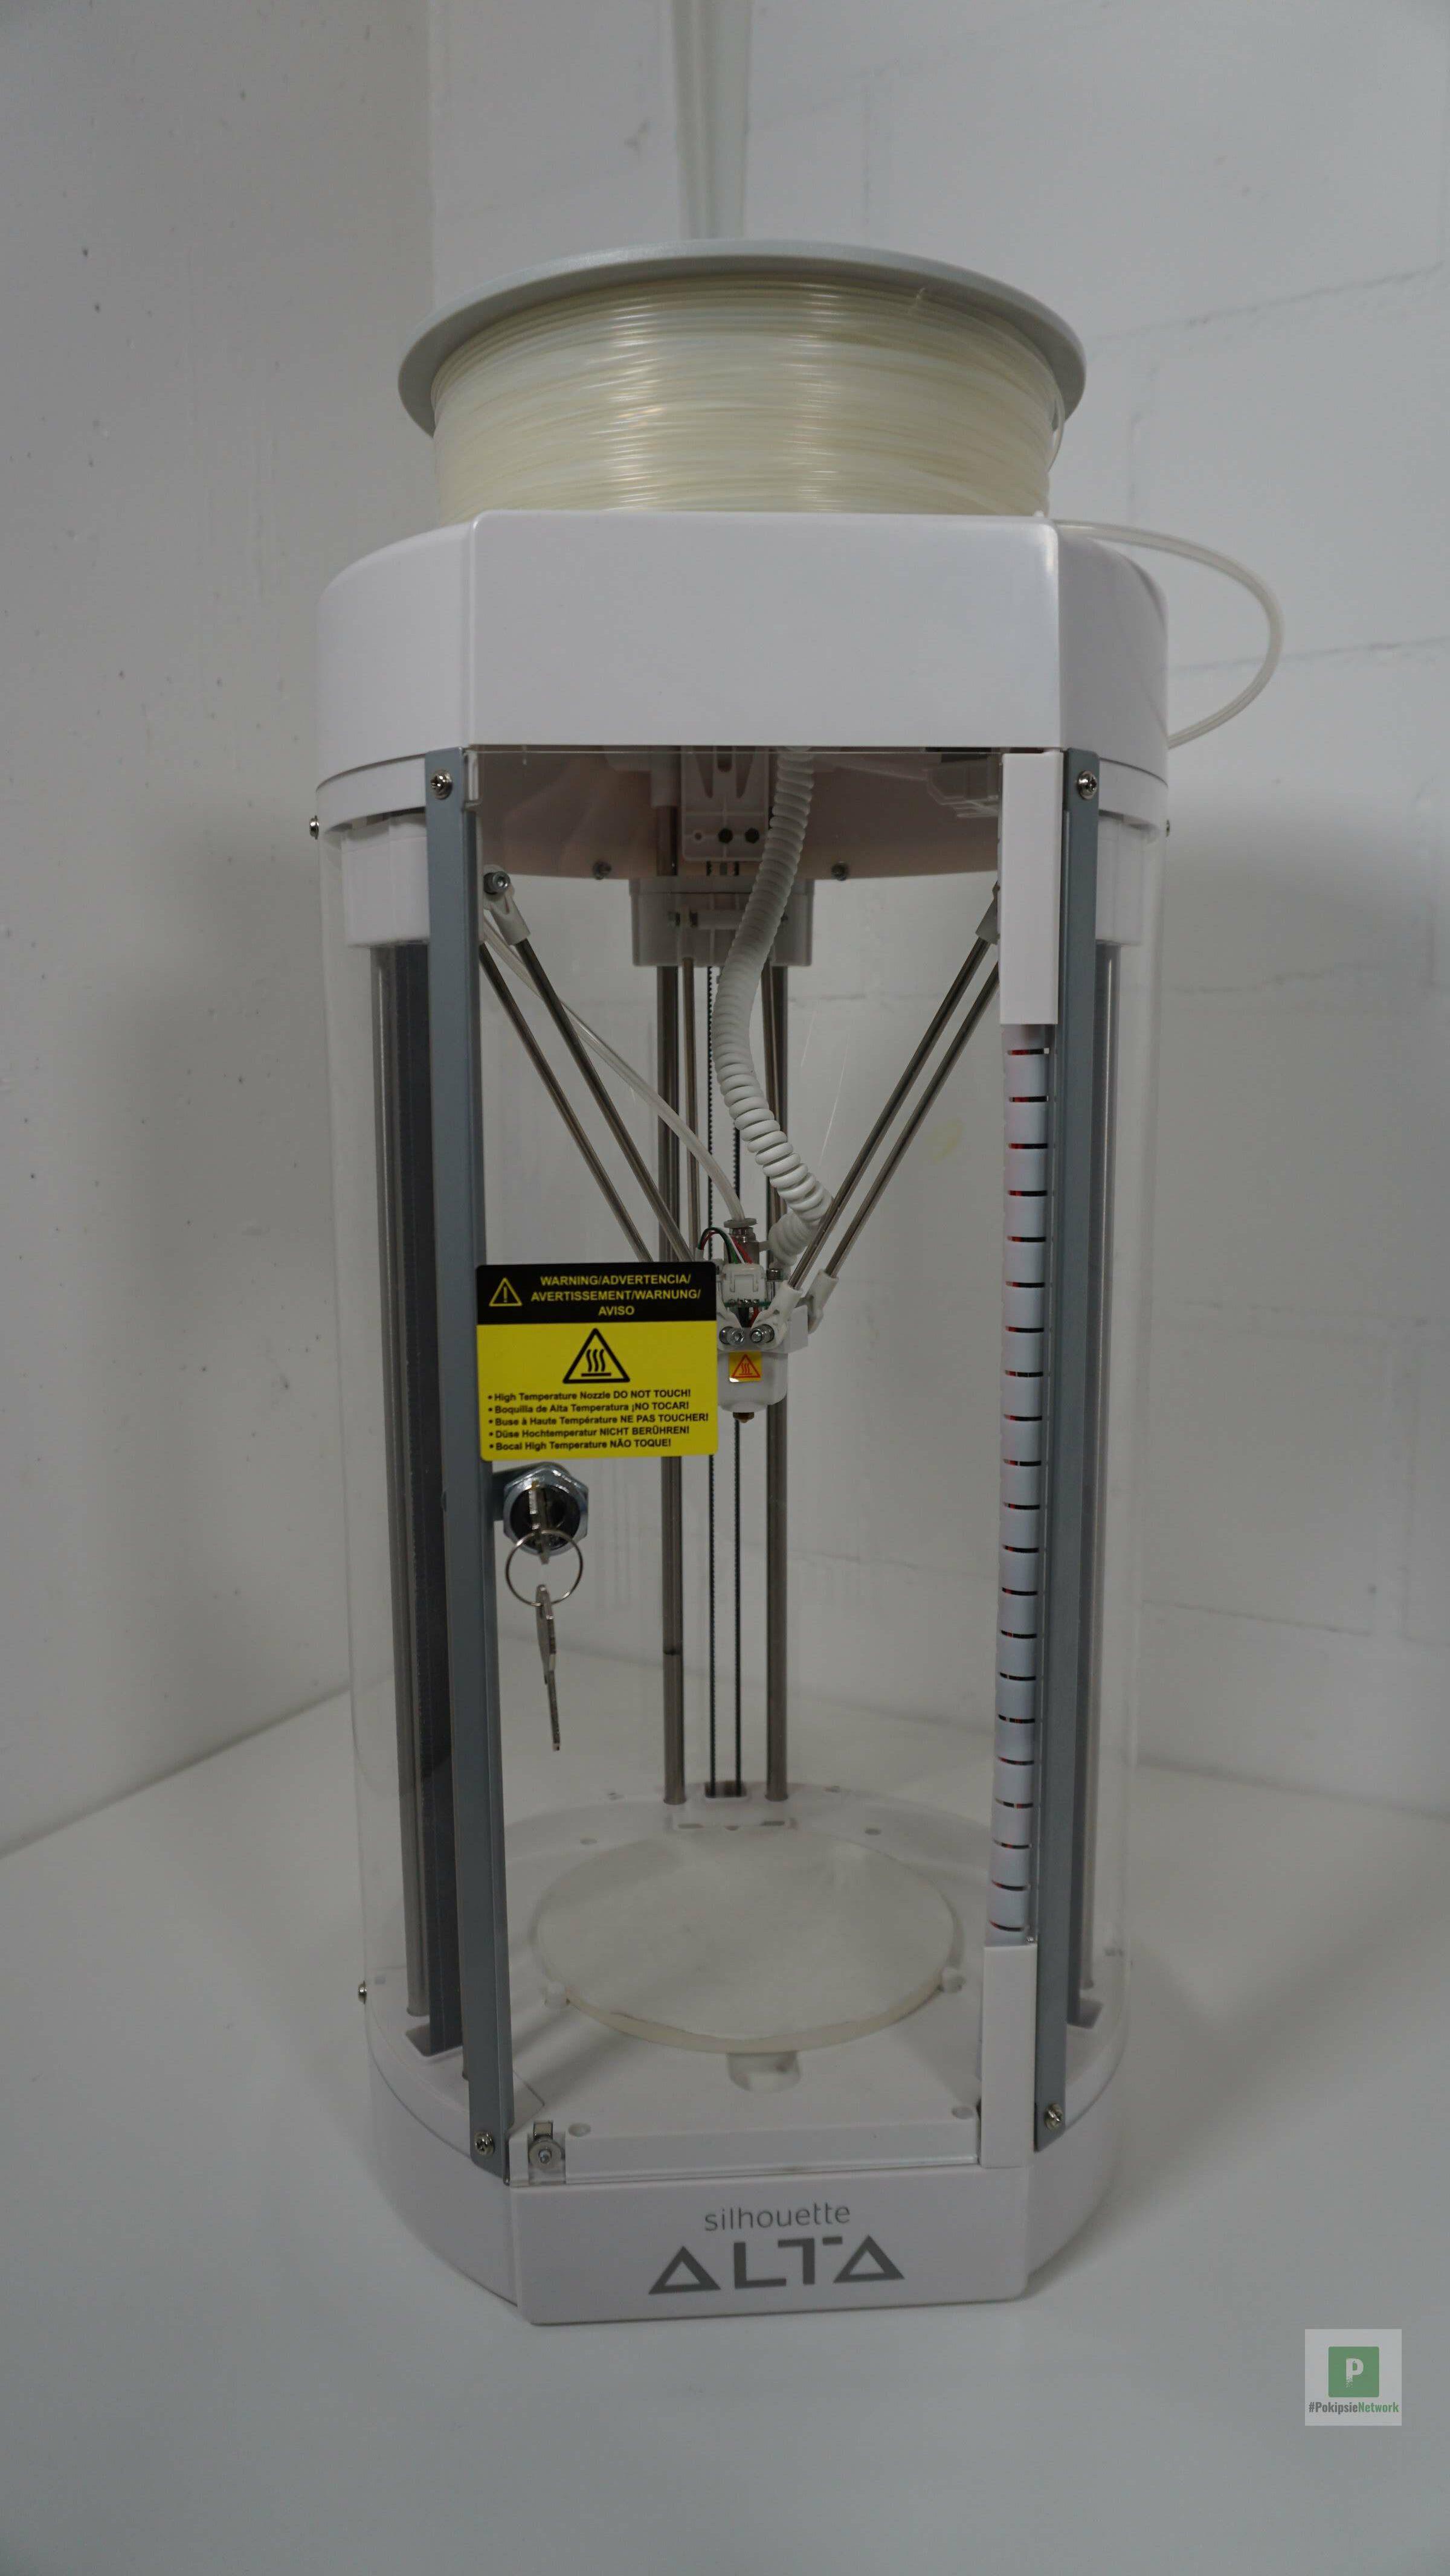 Silhouette ALTA – Günstiger Einstieg in den 3D Druck